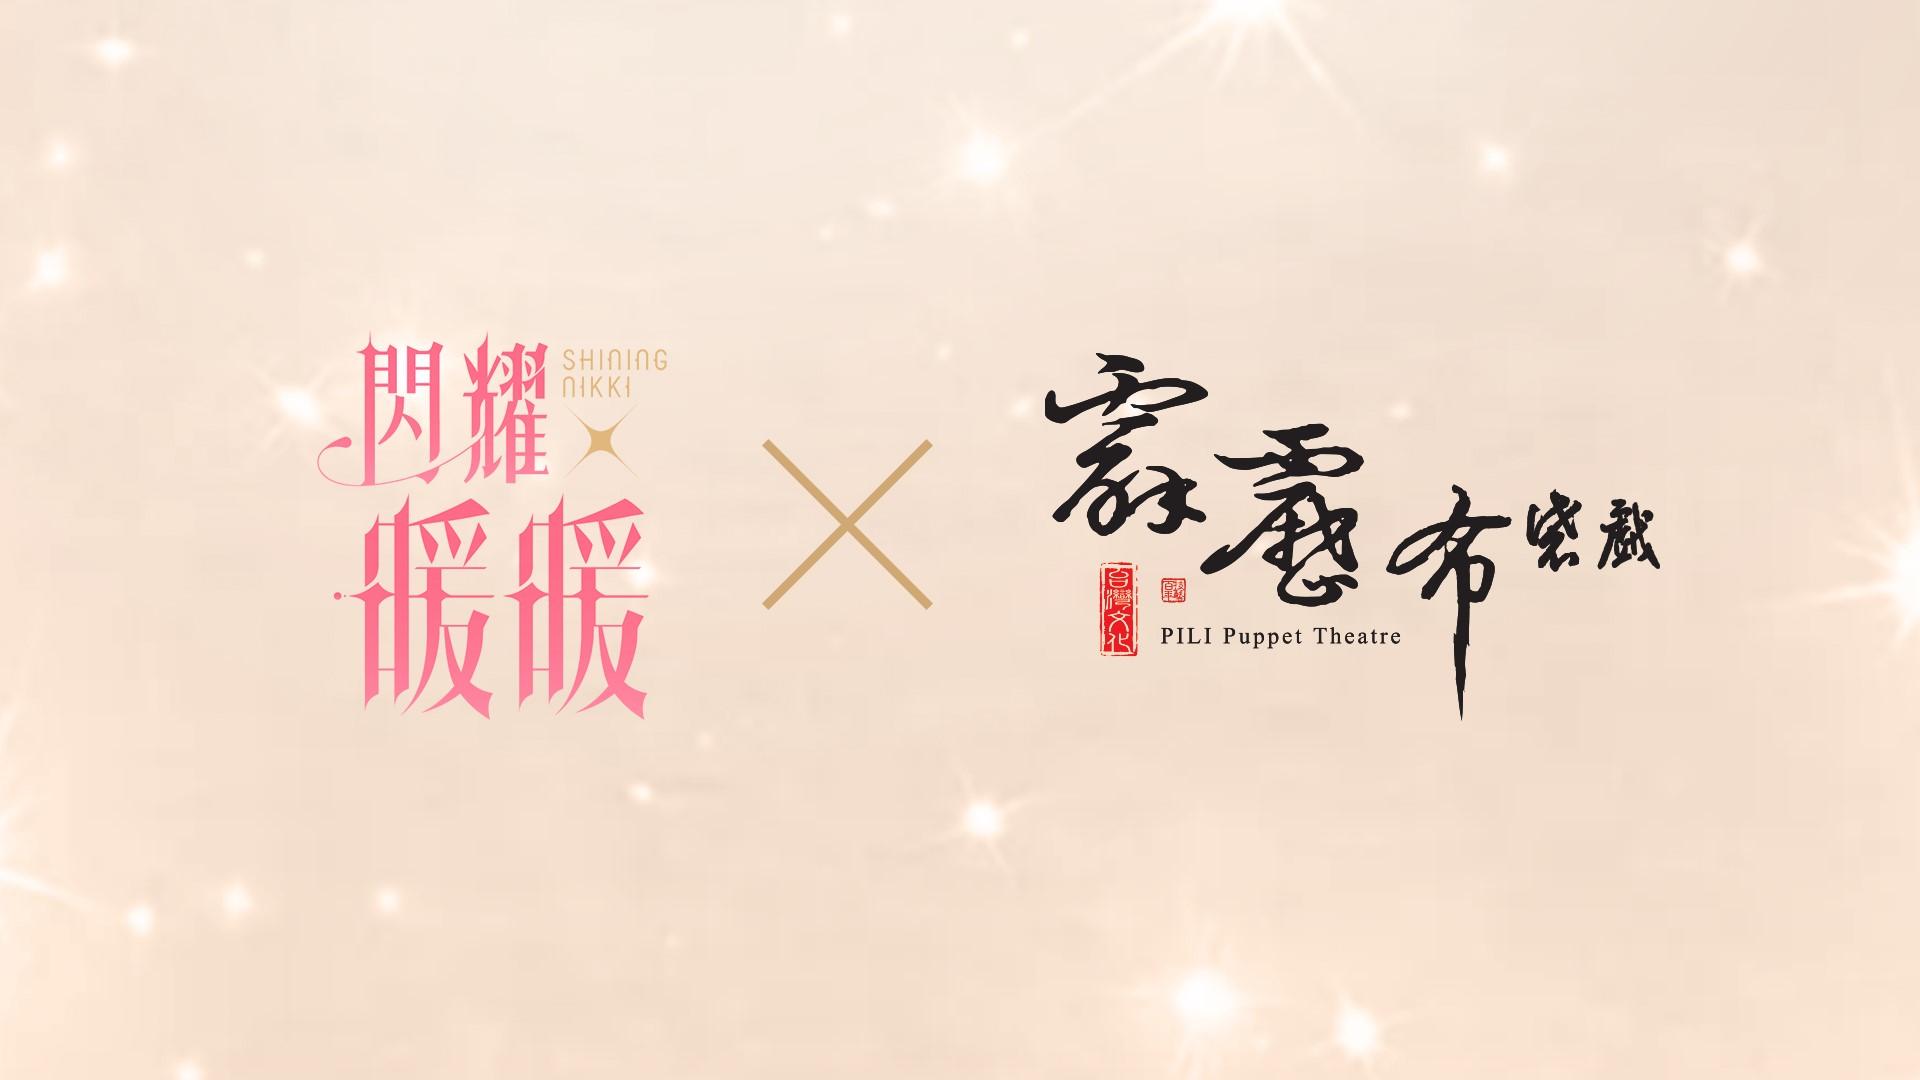 《閃耀暖暖》宣佈與《霹靂布袋戲》開啟聯動 遊戲第八章〈遺忘的歌聲〉上線